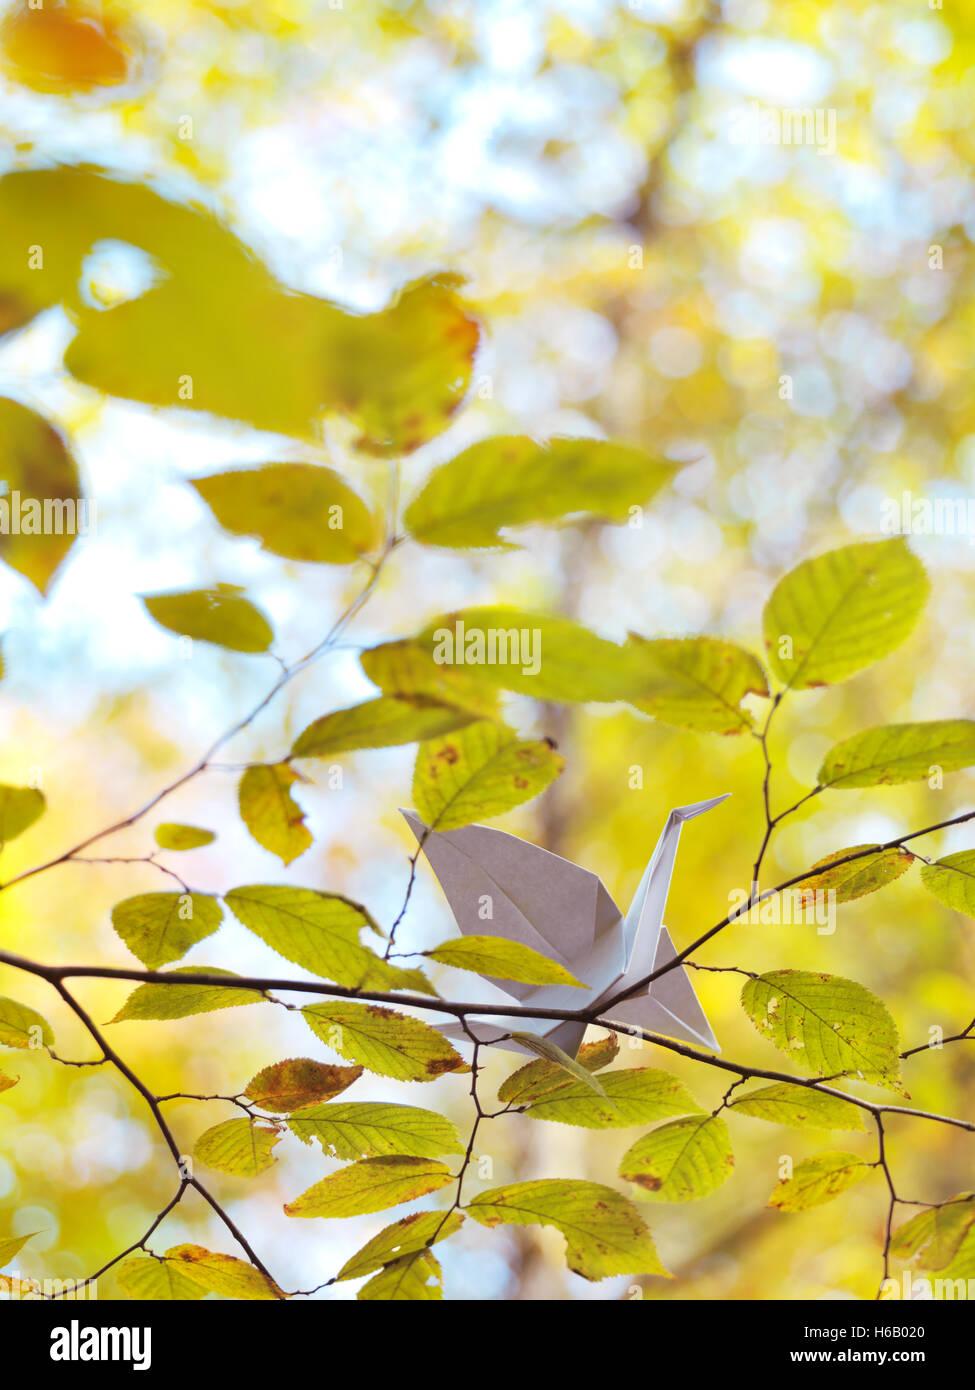 Origami Papier Kran auf einem Ast mit gelben Blättern im Herbst Natur Stockbild